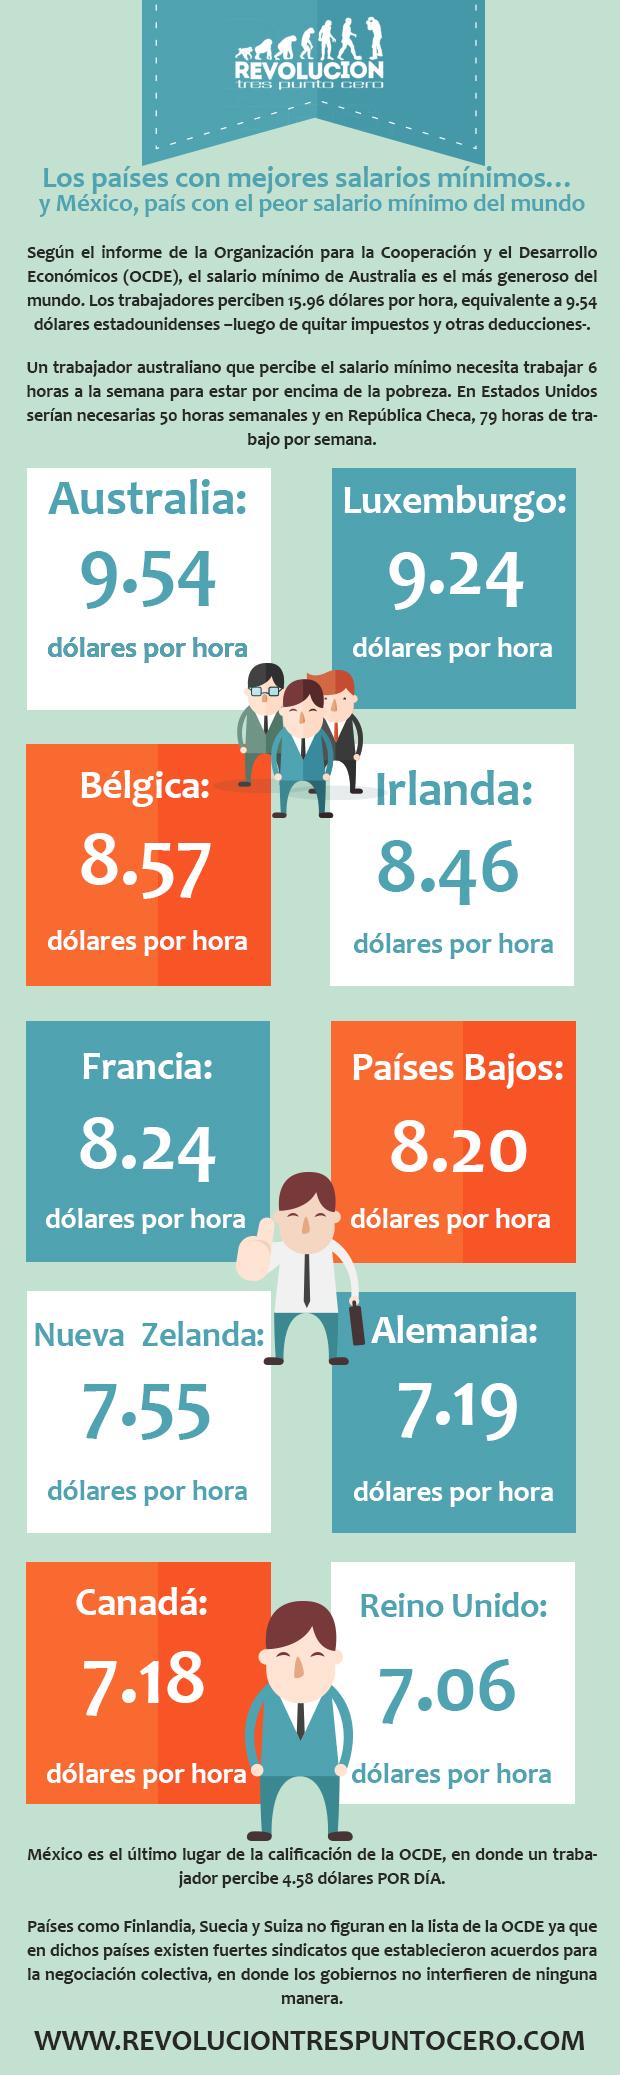 Los países con mejores salarios mínimos